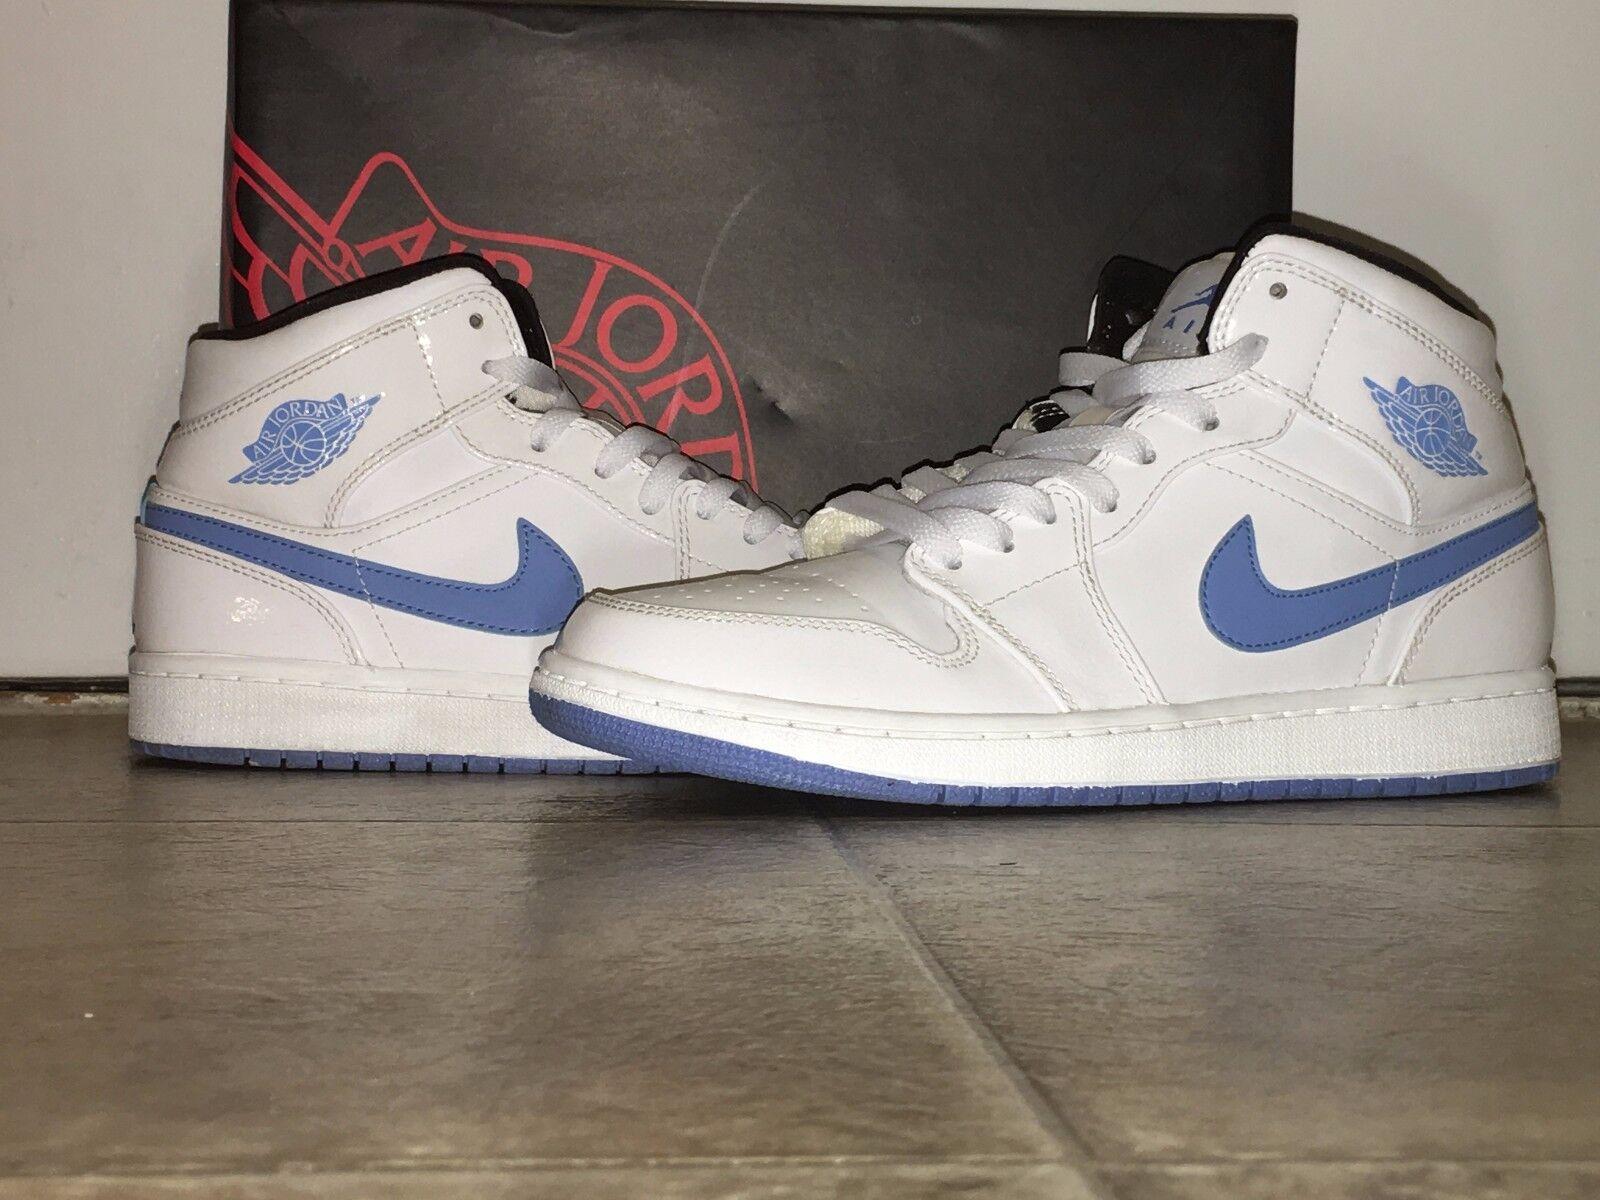 Men's BLUE Nike AIR JORDAN 1 Retro LEGEND BLUE Men's - Size 8.5 Style 6ff1ee